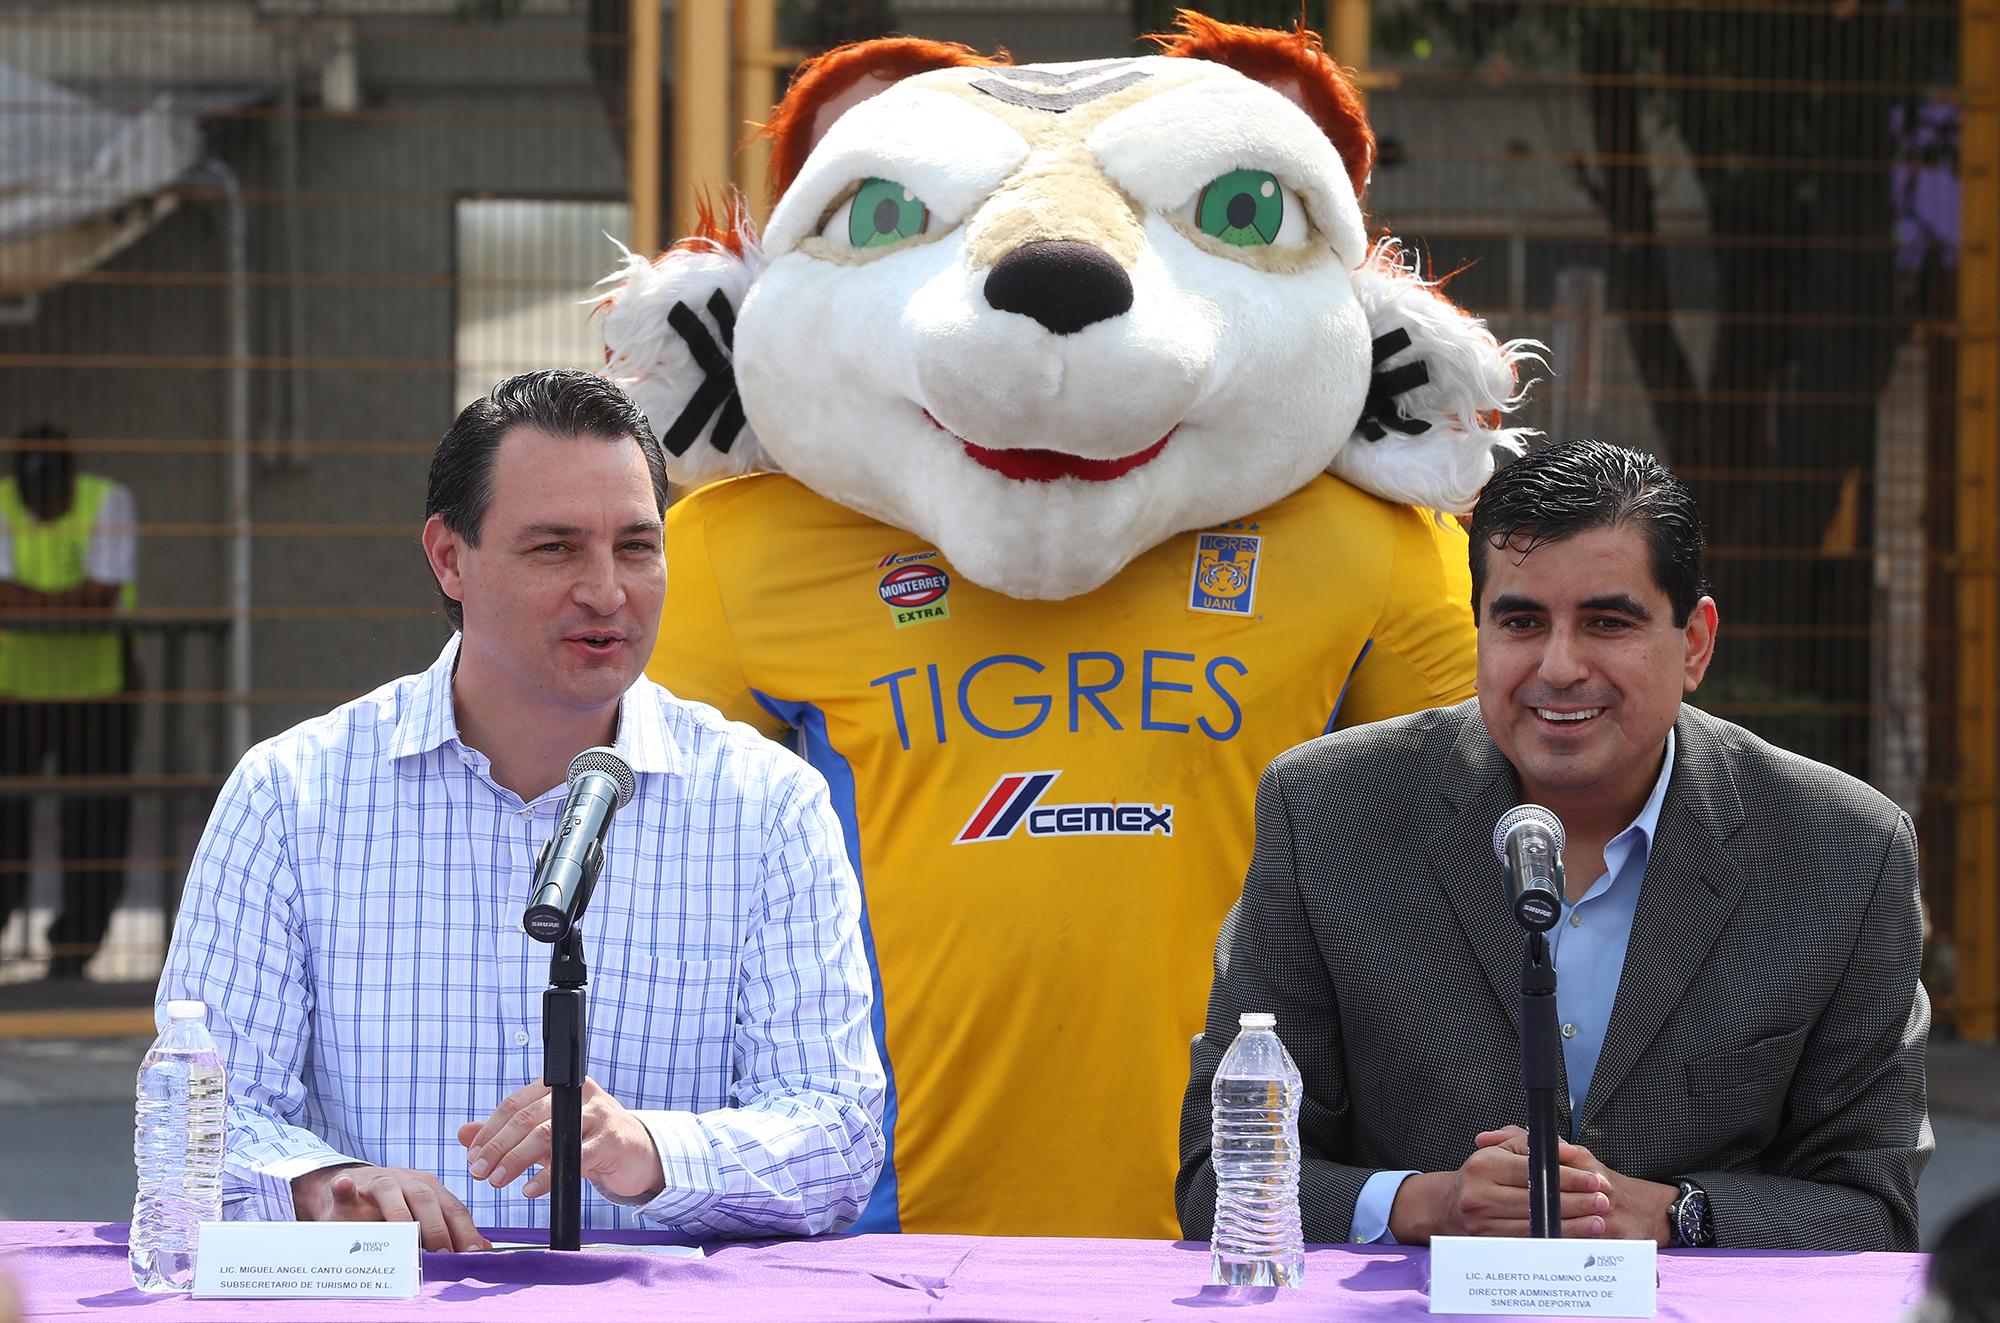 Es directivo de Tigres, lo proponen para dirigir Monterrey… pero ha ocultado datos